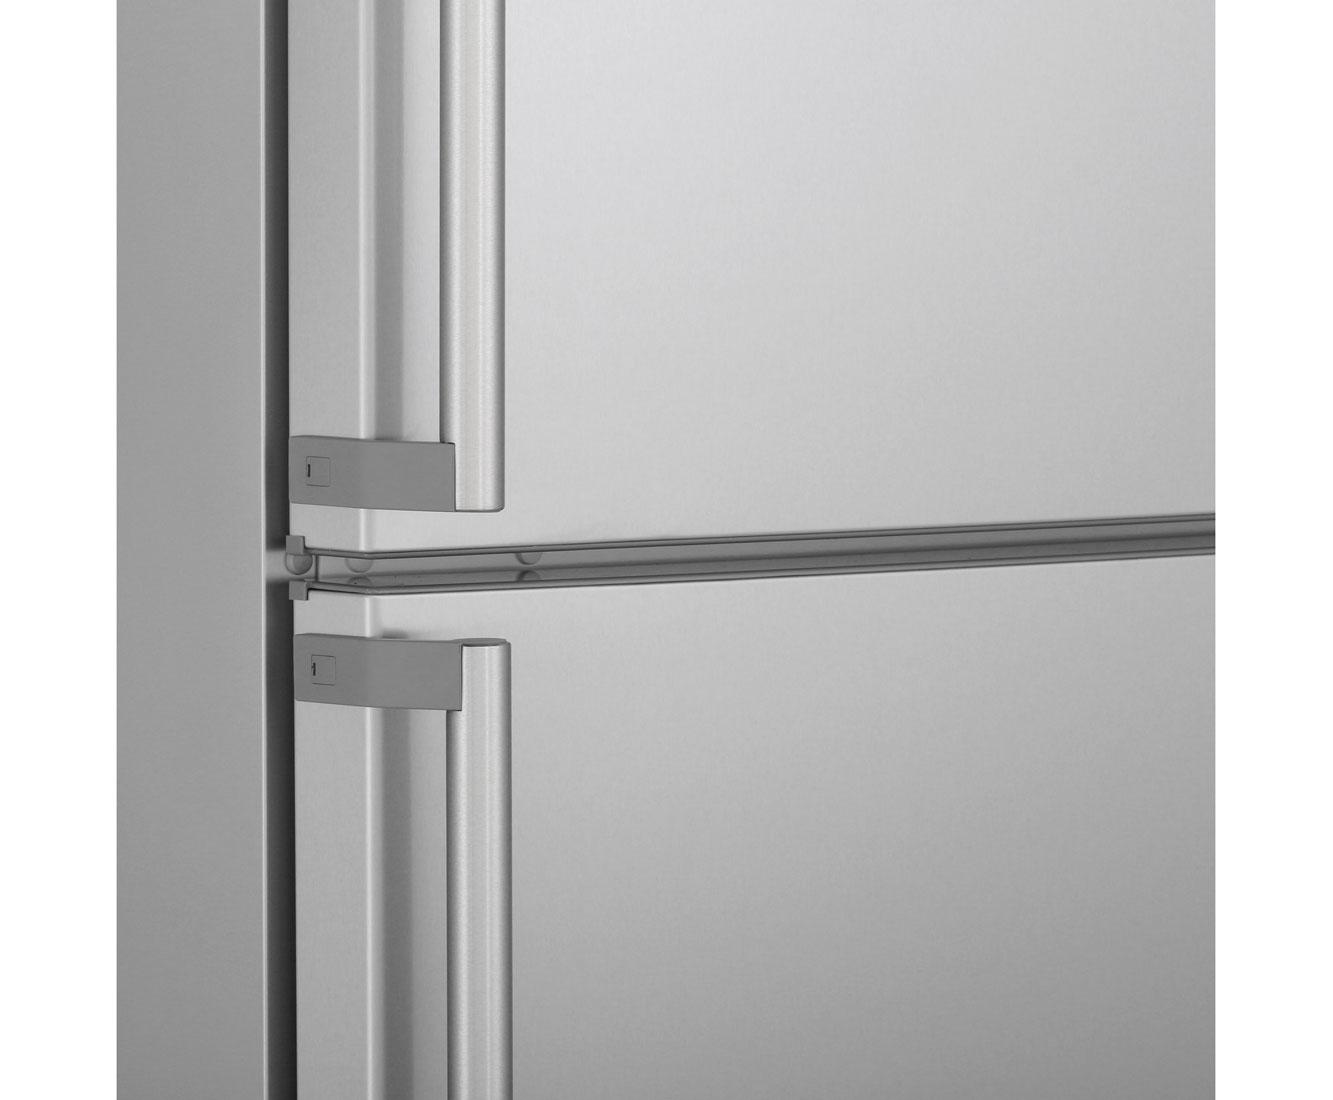 Siemens Kühlschrank 70 Cm Breit : Siemens kg ebi kühl gefrierkombination er breite edelstahl